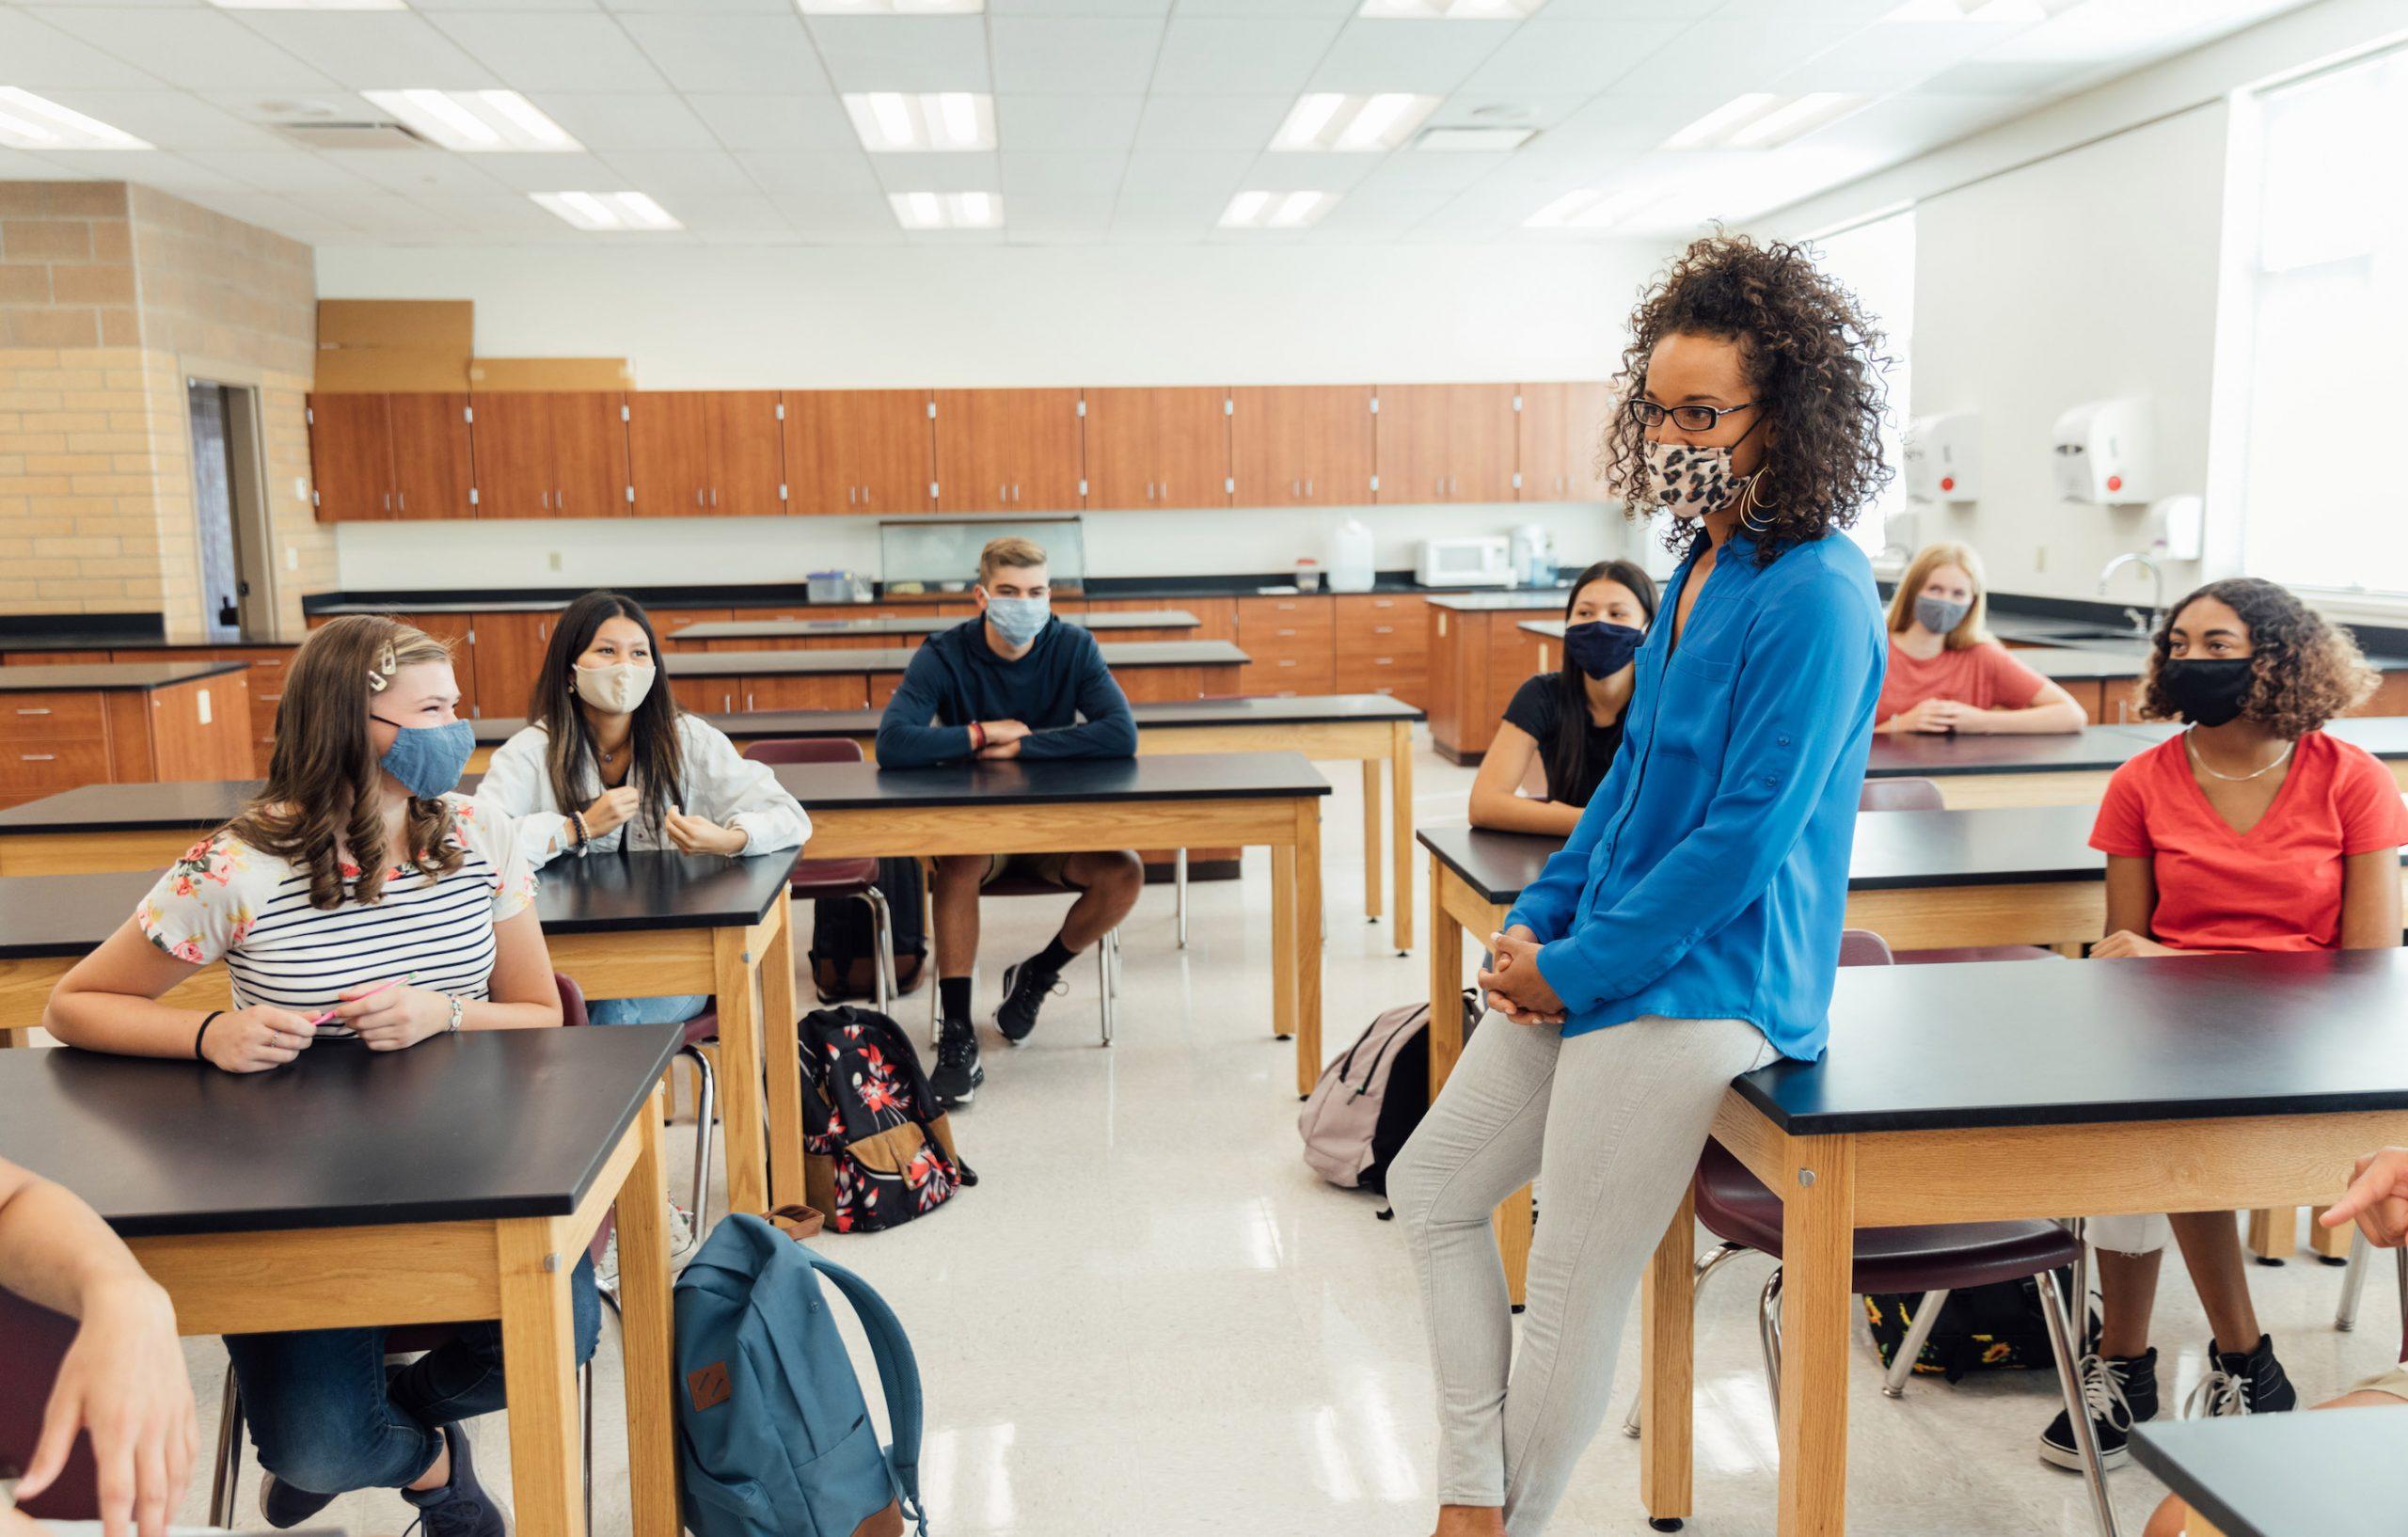 Profesor enmascarado de la High School secundaria que se dirige a estudiantes en sala de clase